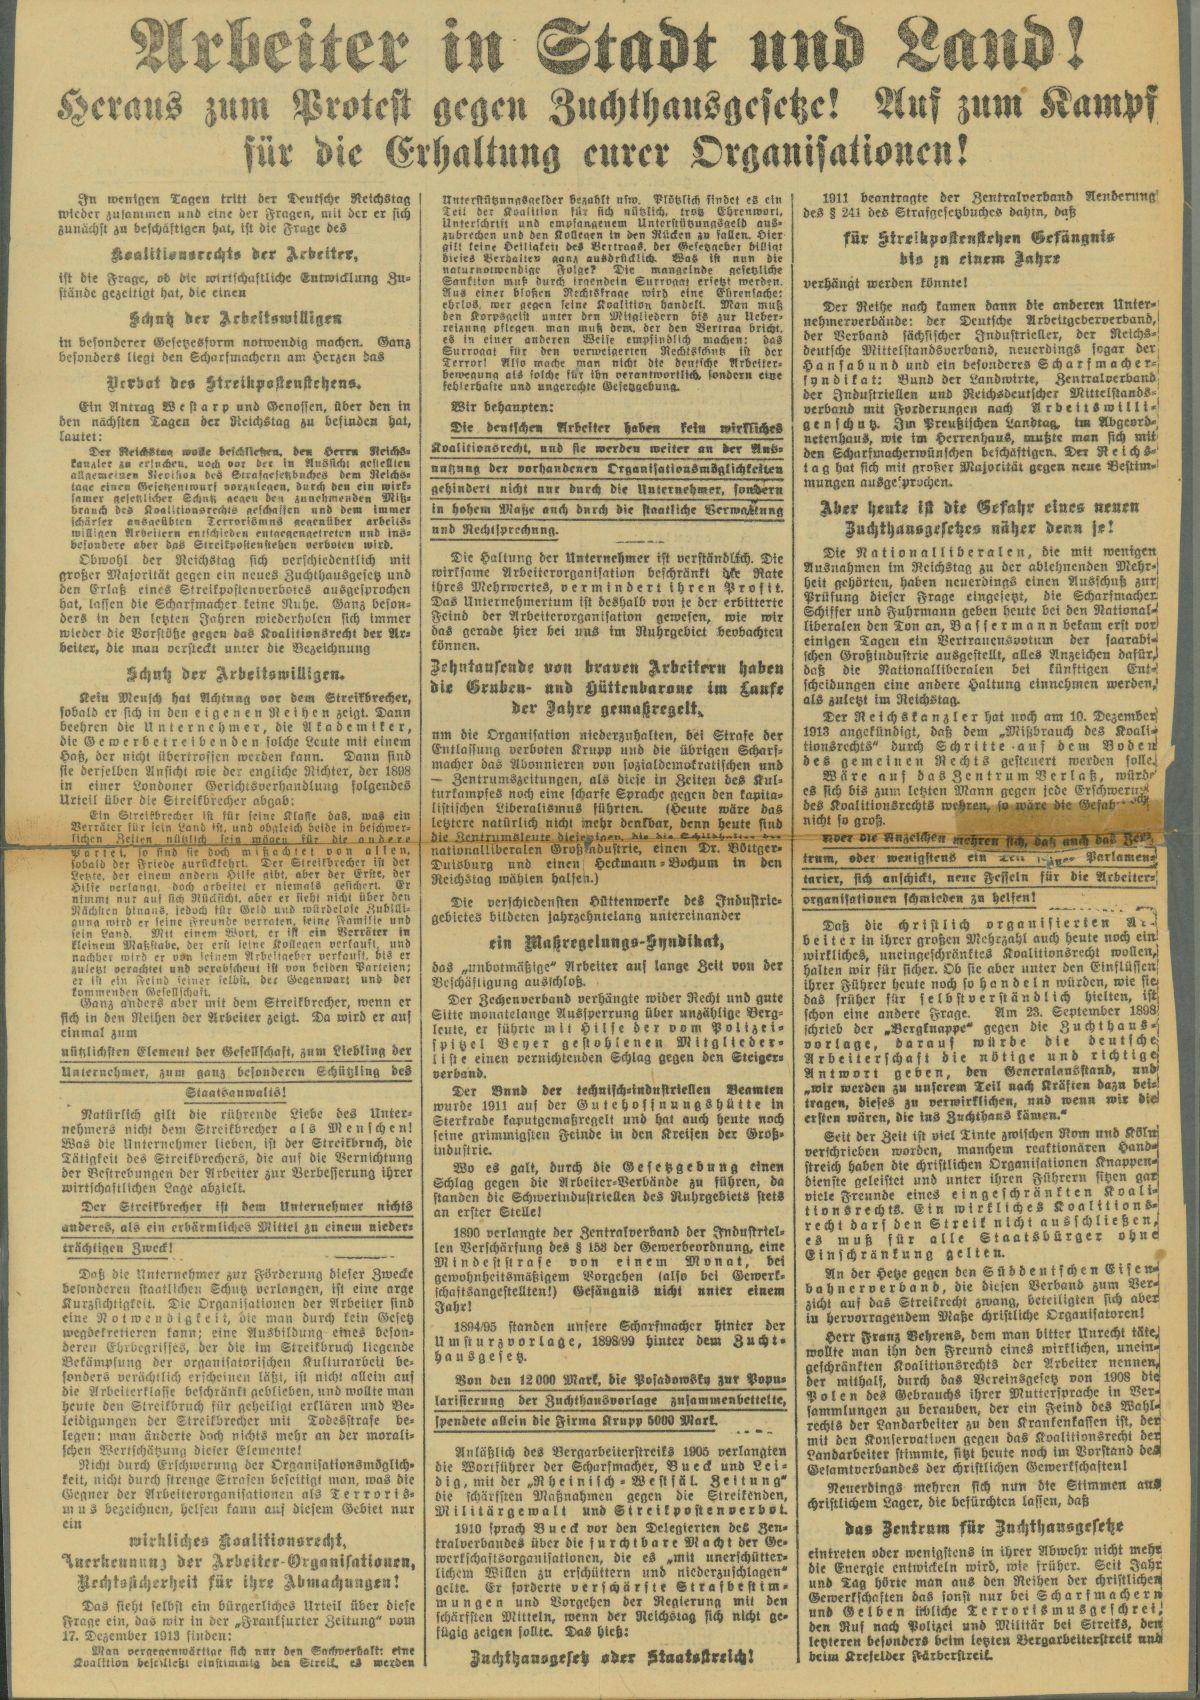 Flugschrift der SPD-Parteileitung des Kreises Essen und des Gewerkschaftskartells des Kreises Essen mit Aufruf zu Protestveranstaltungen am 11. Januar 1914. Rechte: Archiv der sozialen Demokratie der Friedrich-Ebert-Stiftung.